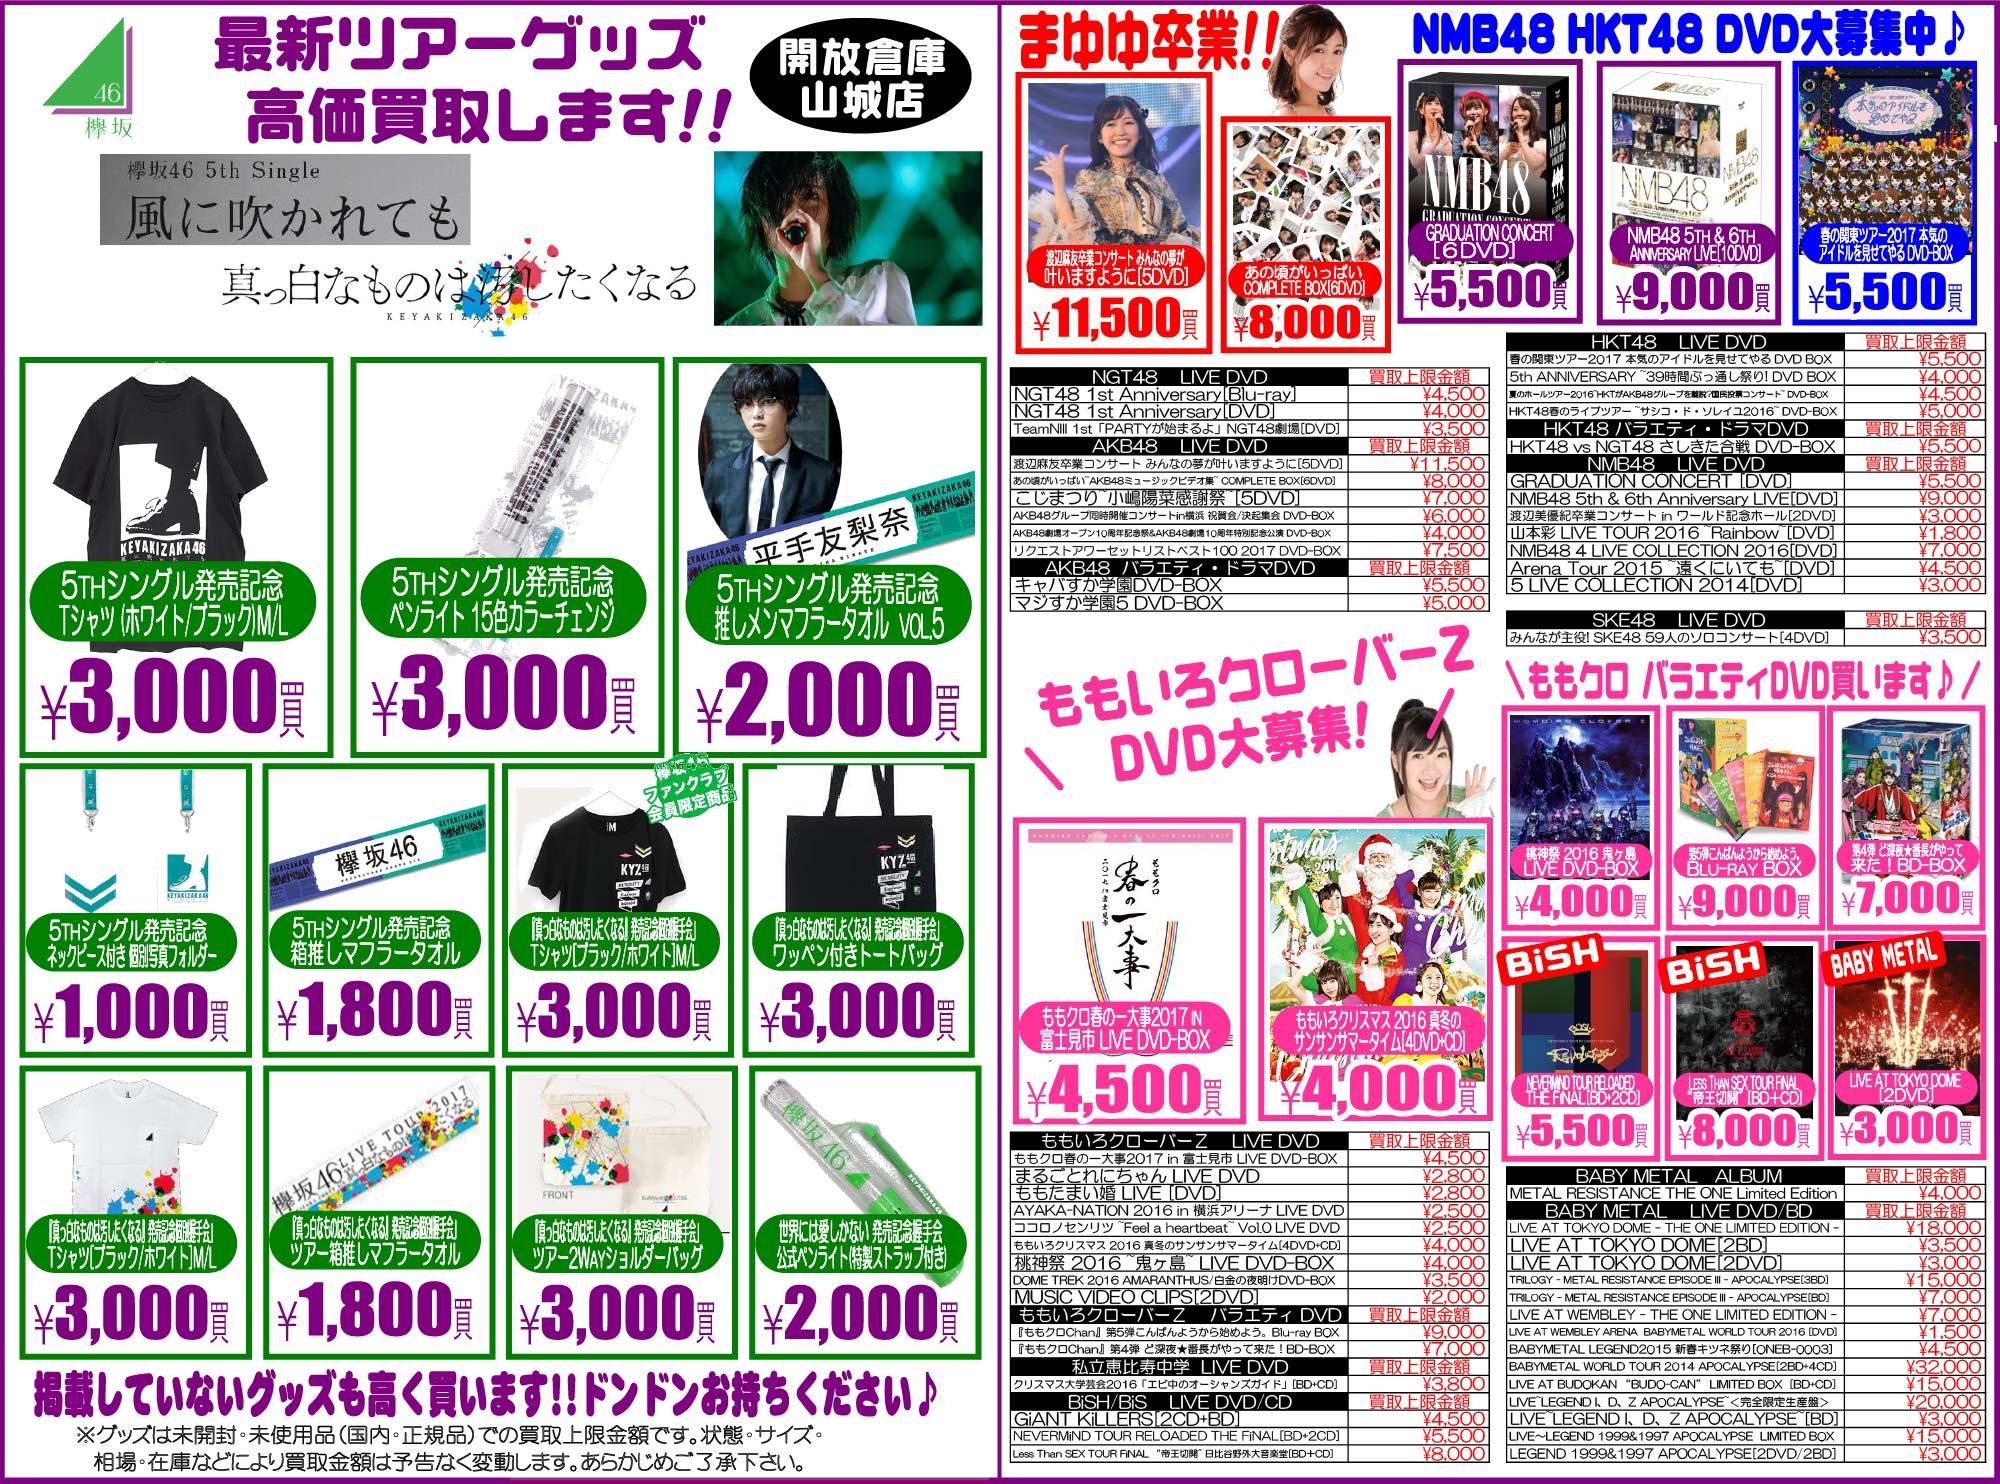 「開放倉庫山城店」CDコーナー<最新ツアーグッズ高価買取します!>欅坂46・NMB48・HKT48・まゆゆ・ももいろクローバーZなどなどDVDも大募集中!!